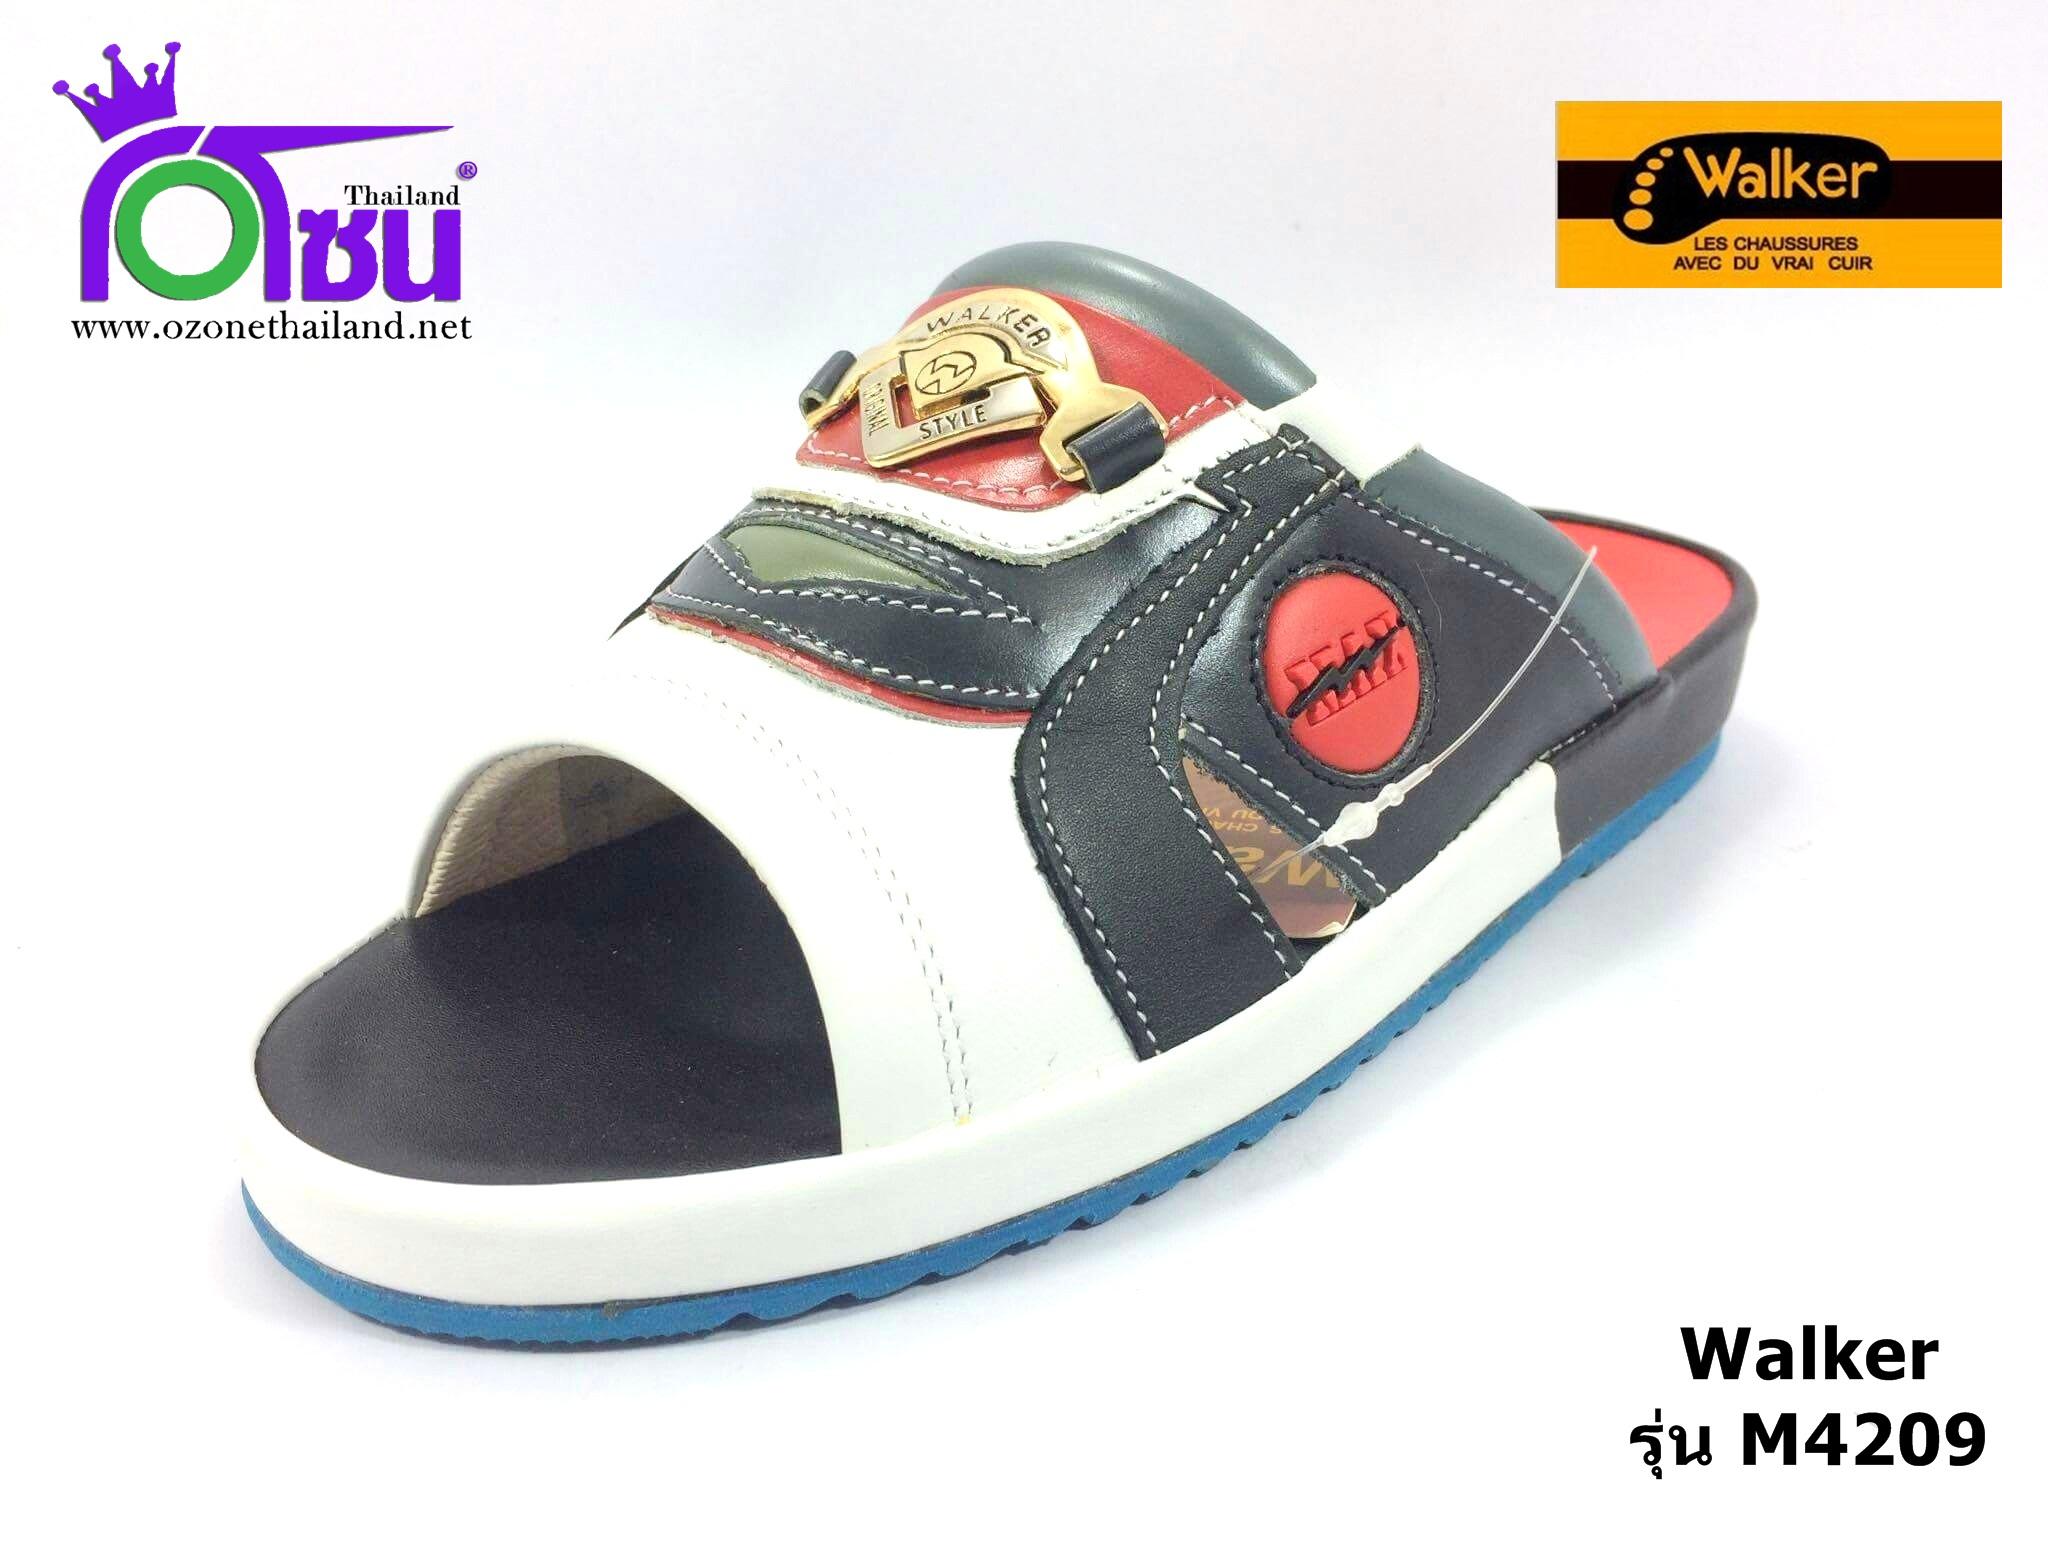 รองเท้า Walker วอคเกอร์ รุ่นM4209 สีดำ เบอร์ 40-45